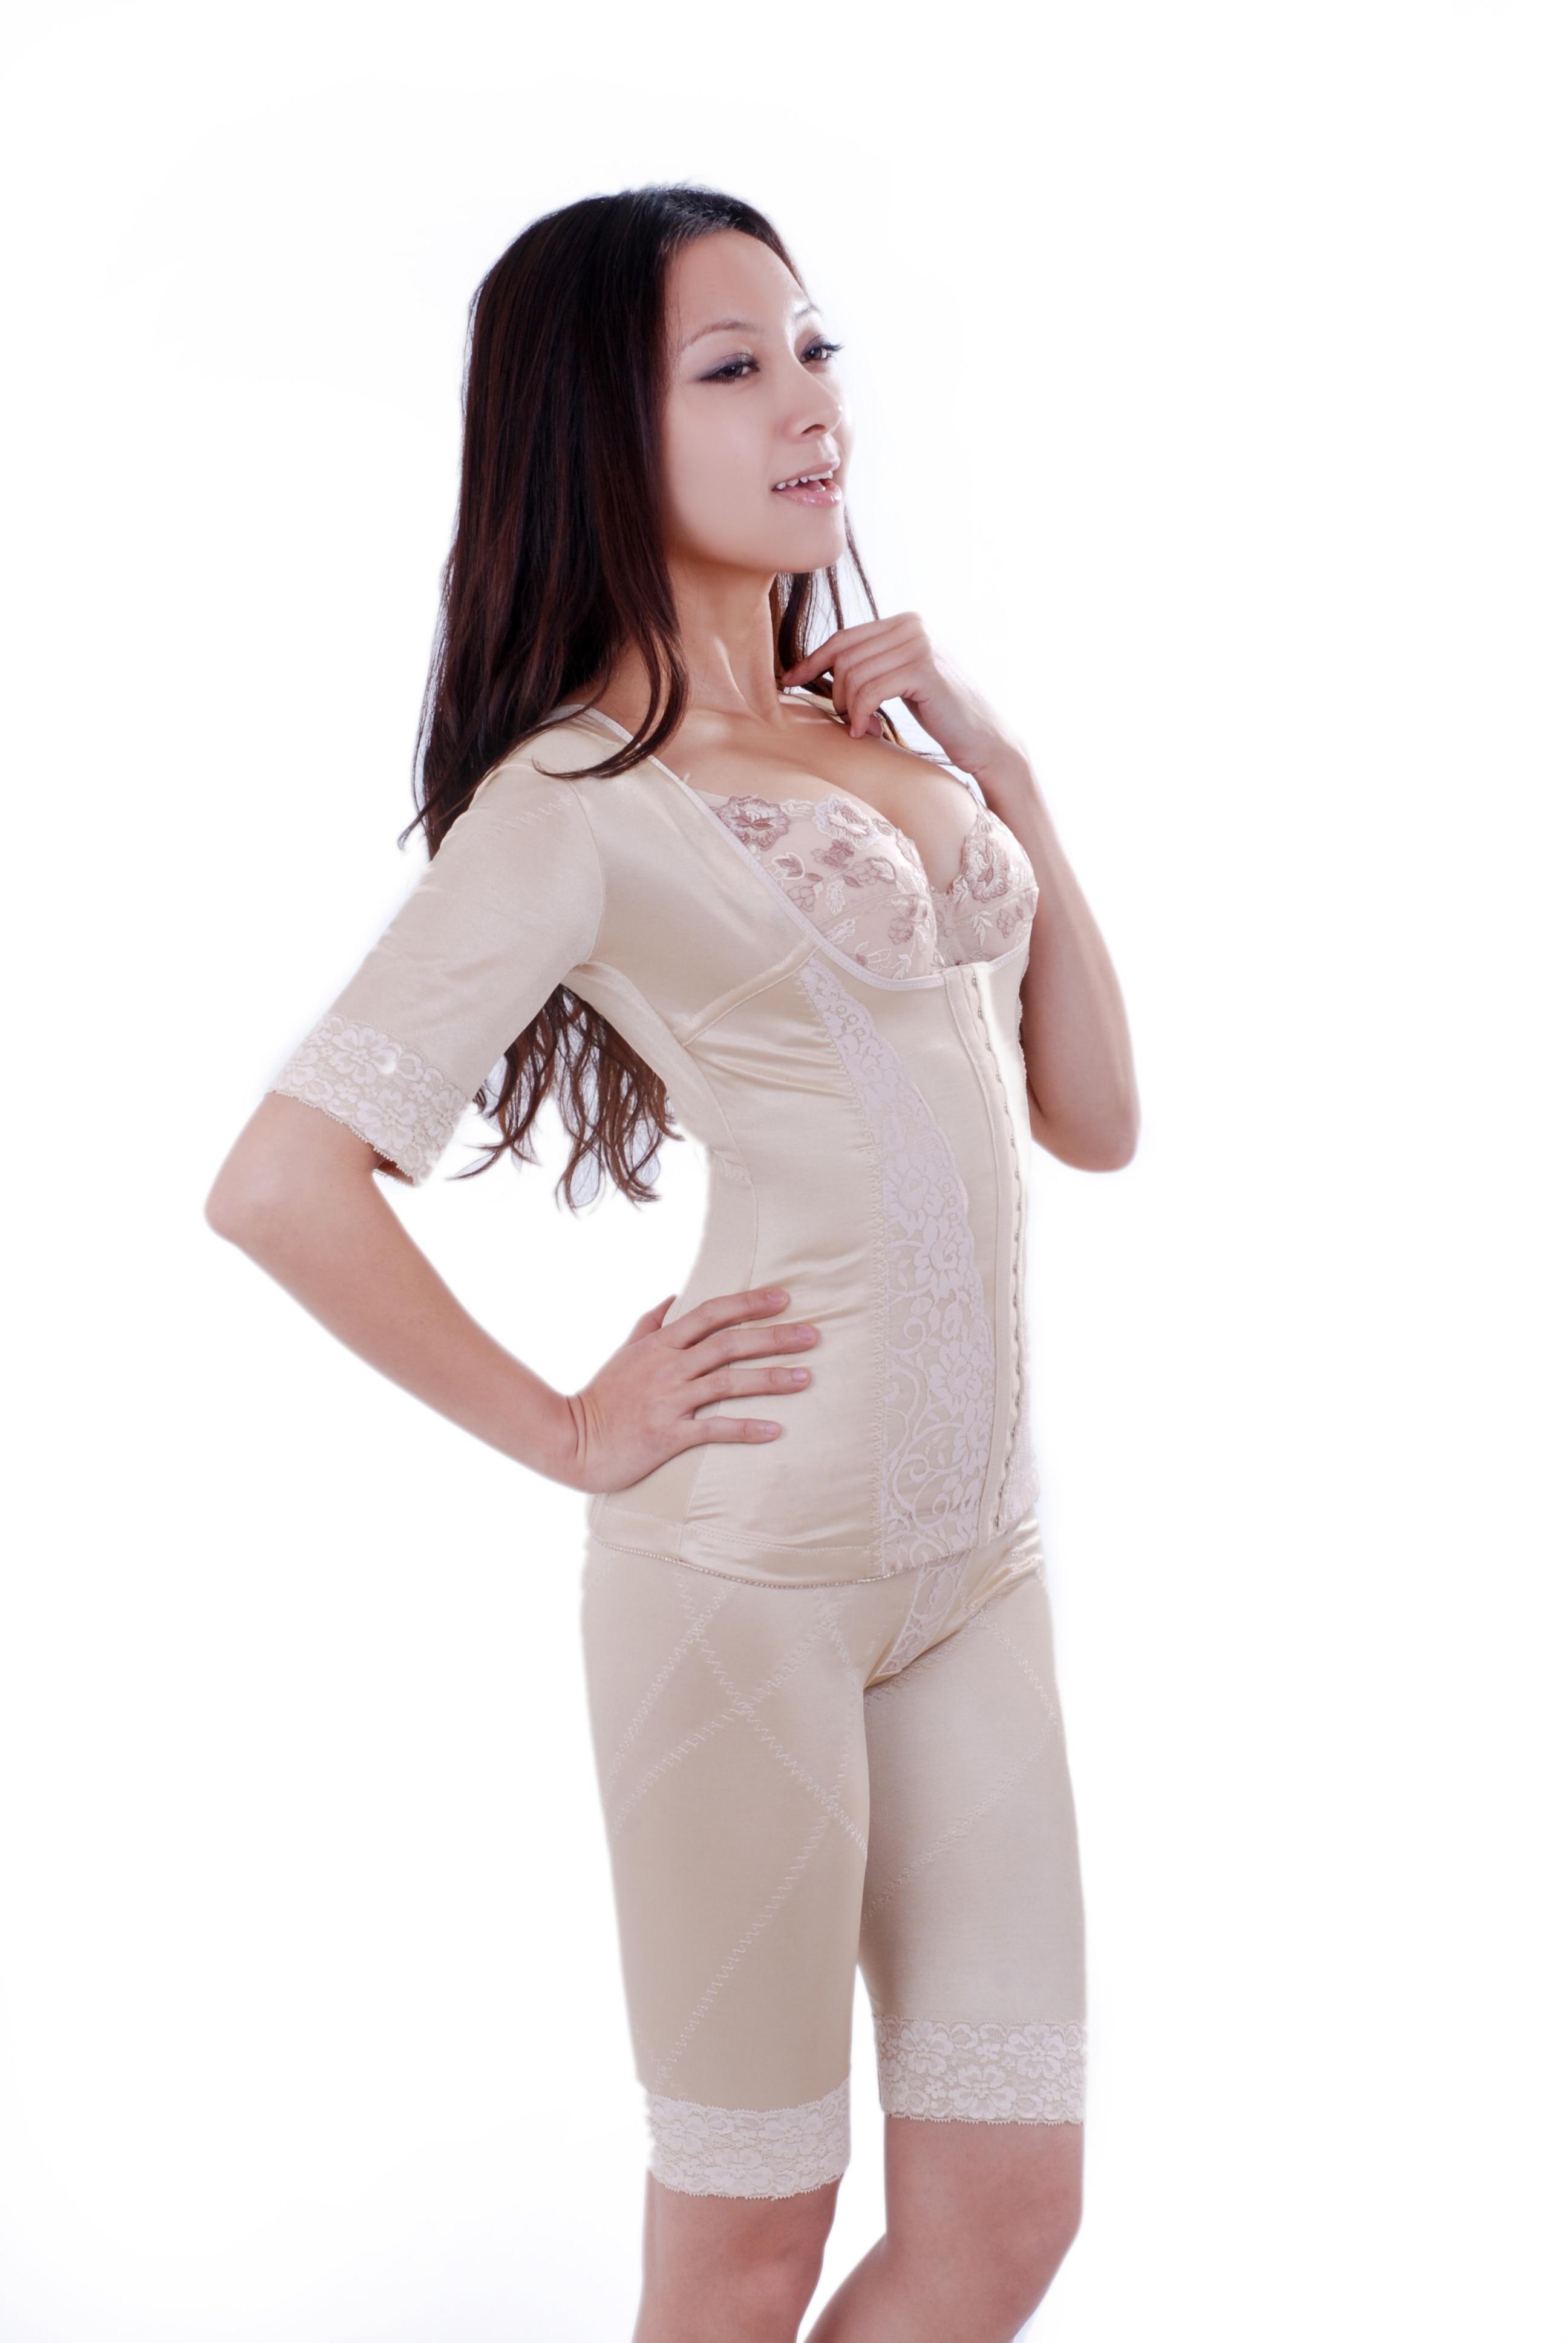 7eae33662448d Long Sleeved Full Body Shaper Magic Slimming Bodysuits Building Underwear  Ladies Shapewear Slimming Suits Pants Legs ...